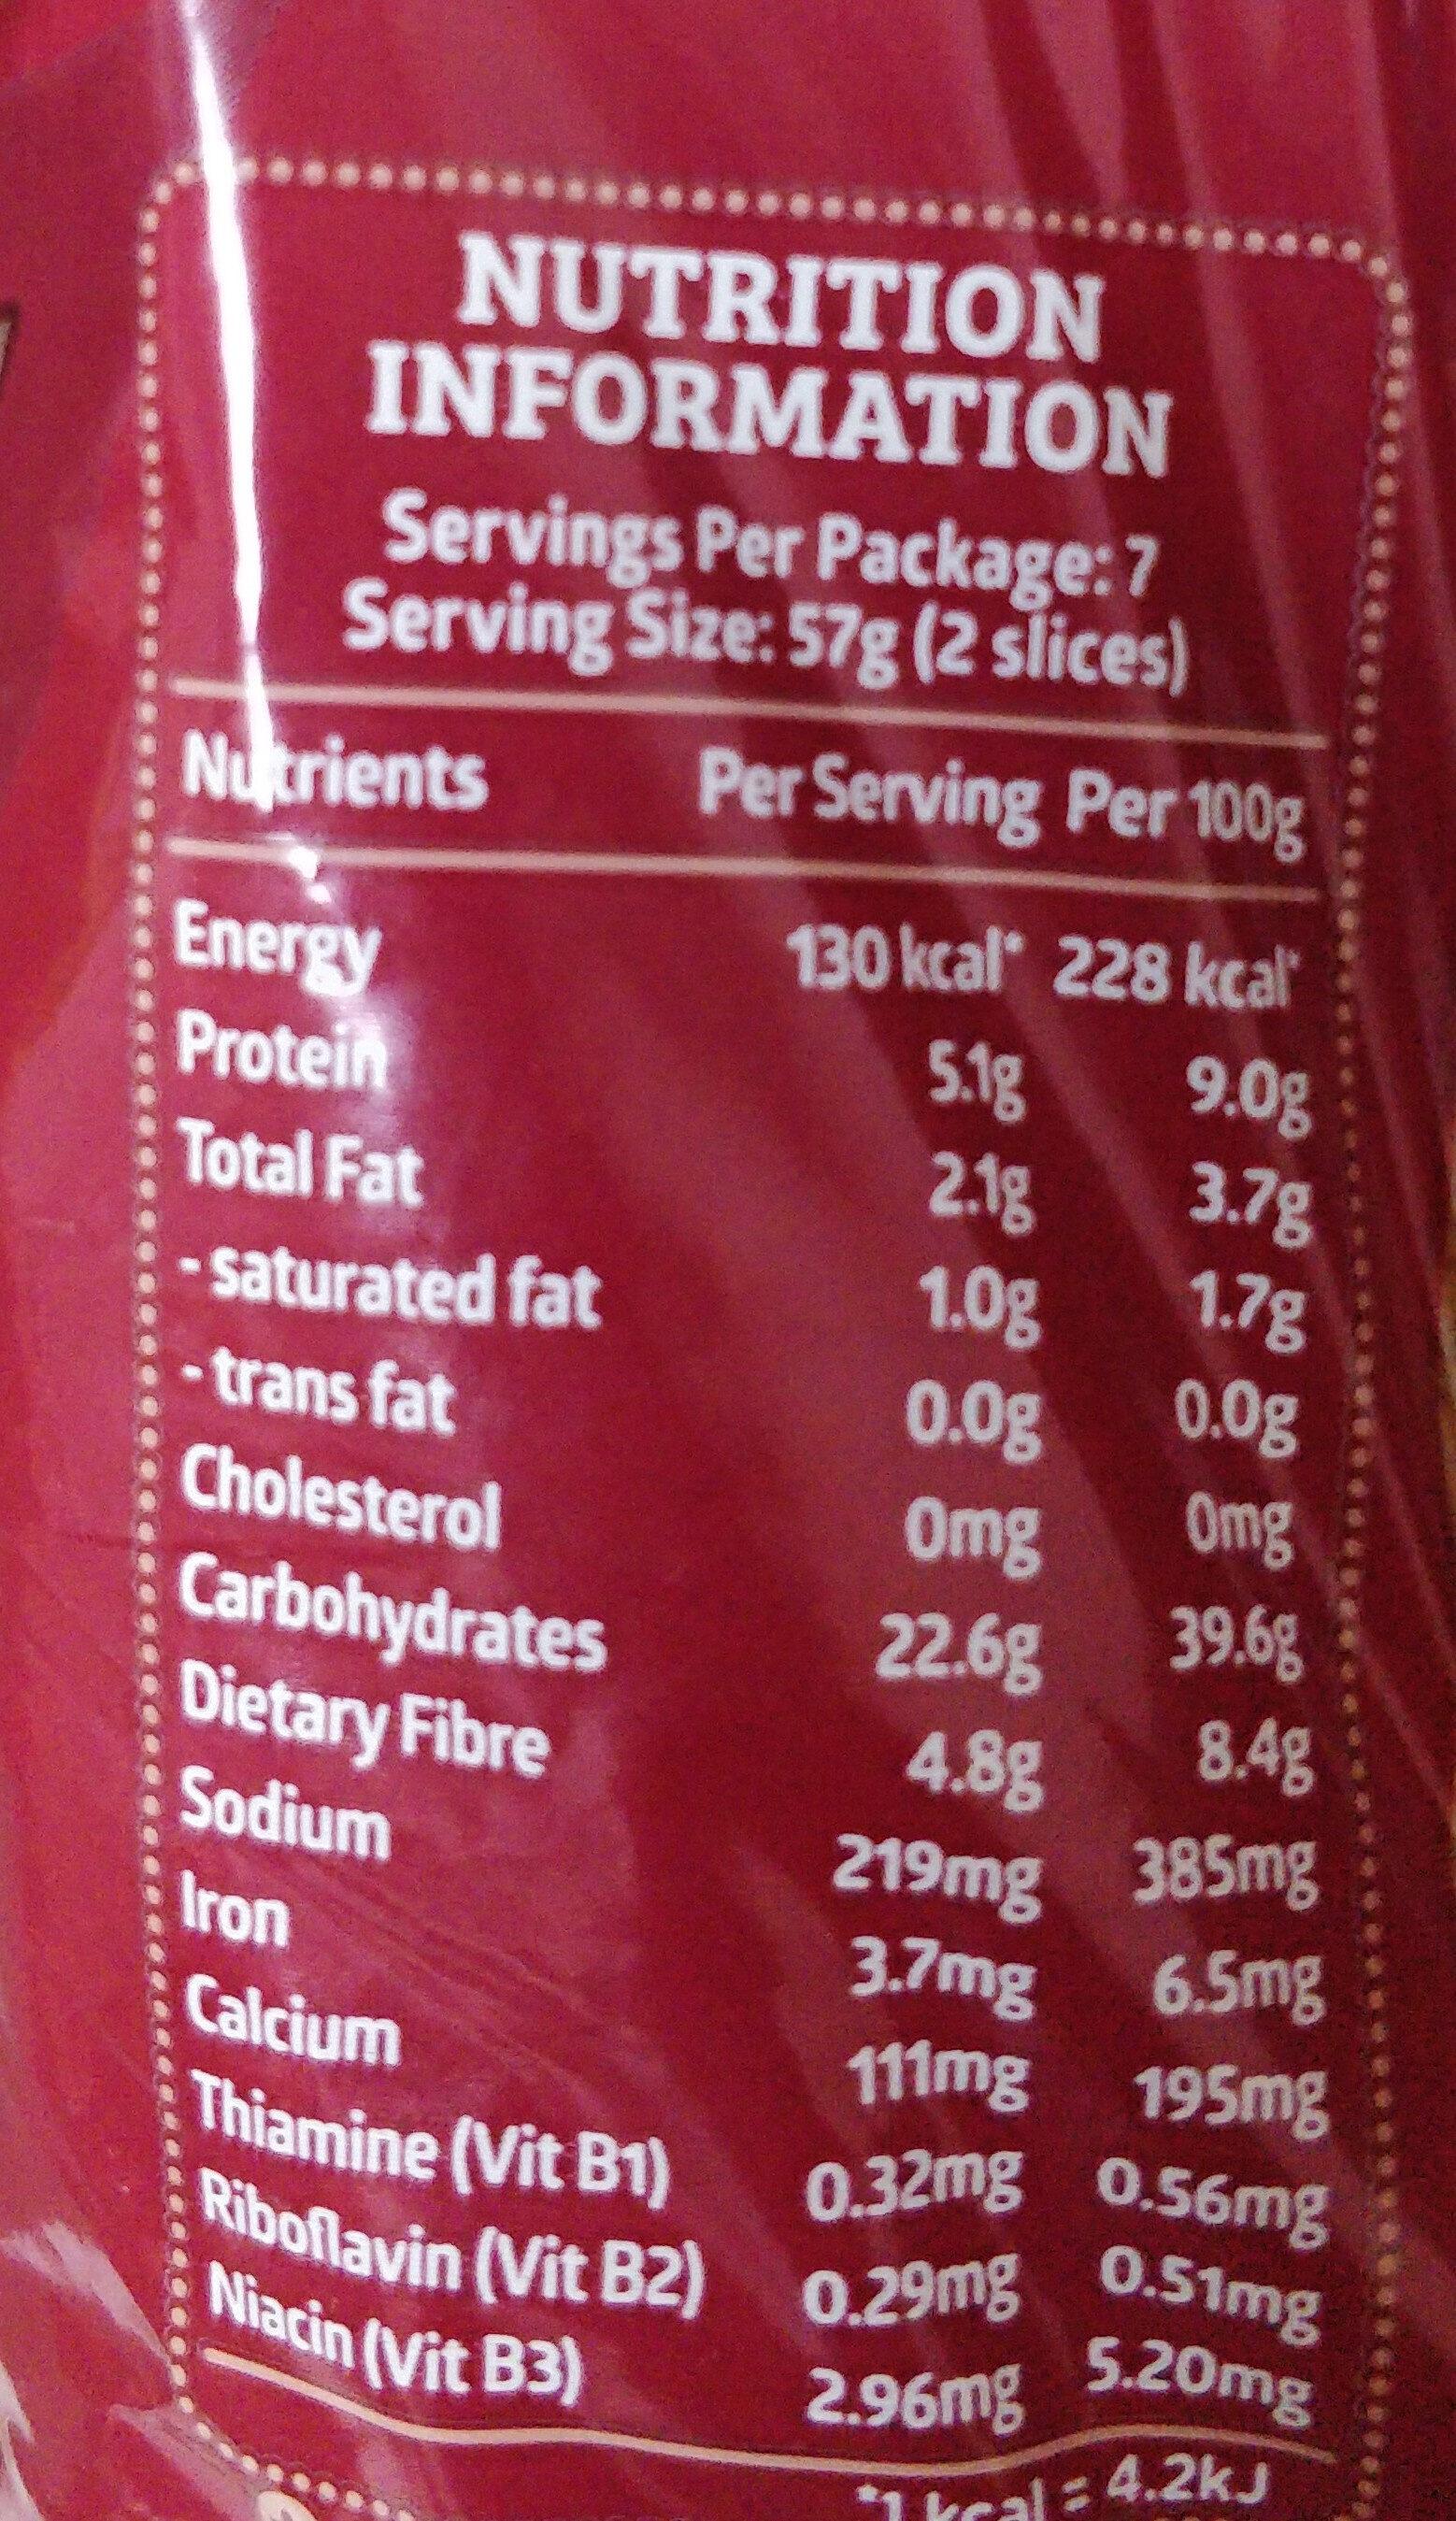 Enriched Softmeal Whole Grain Bread - Voedingswaarden - en